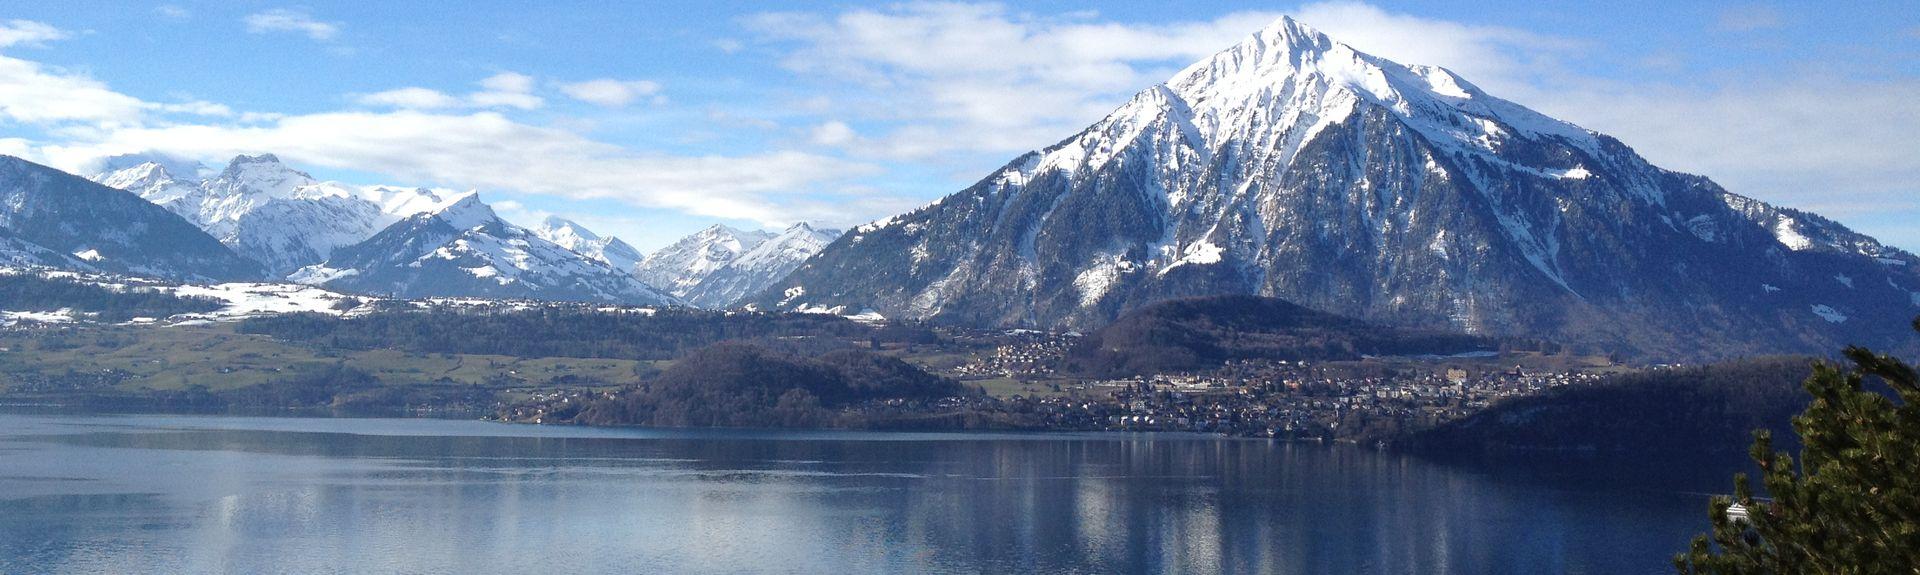 Homberg, Switzerland